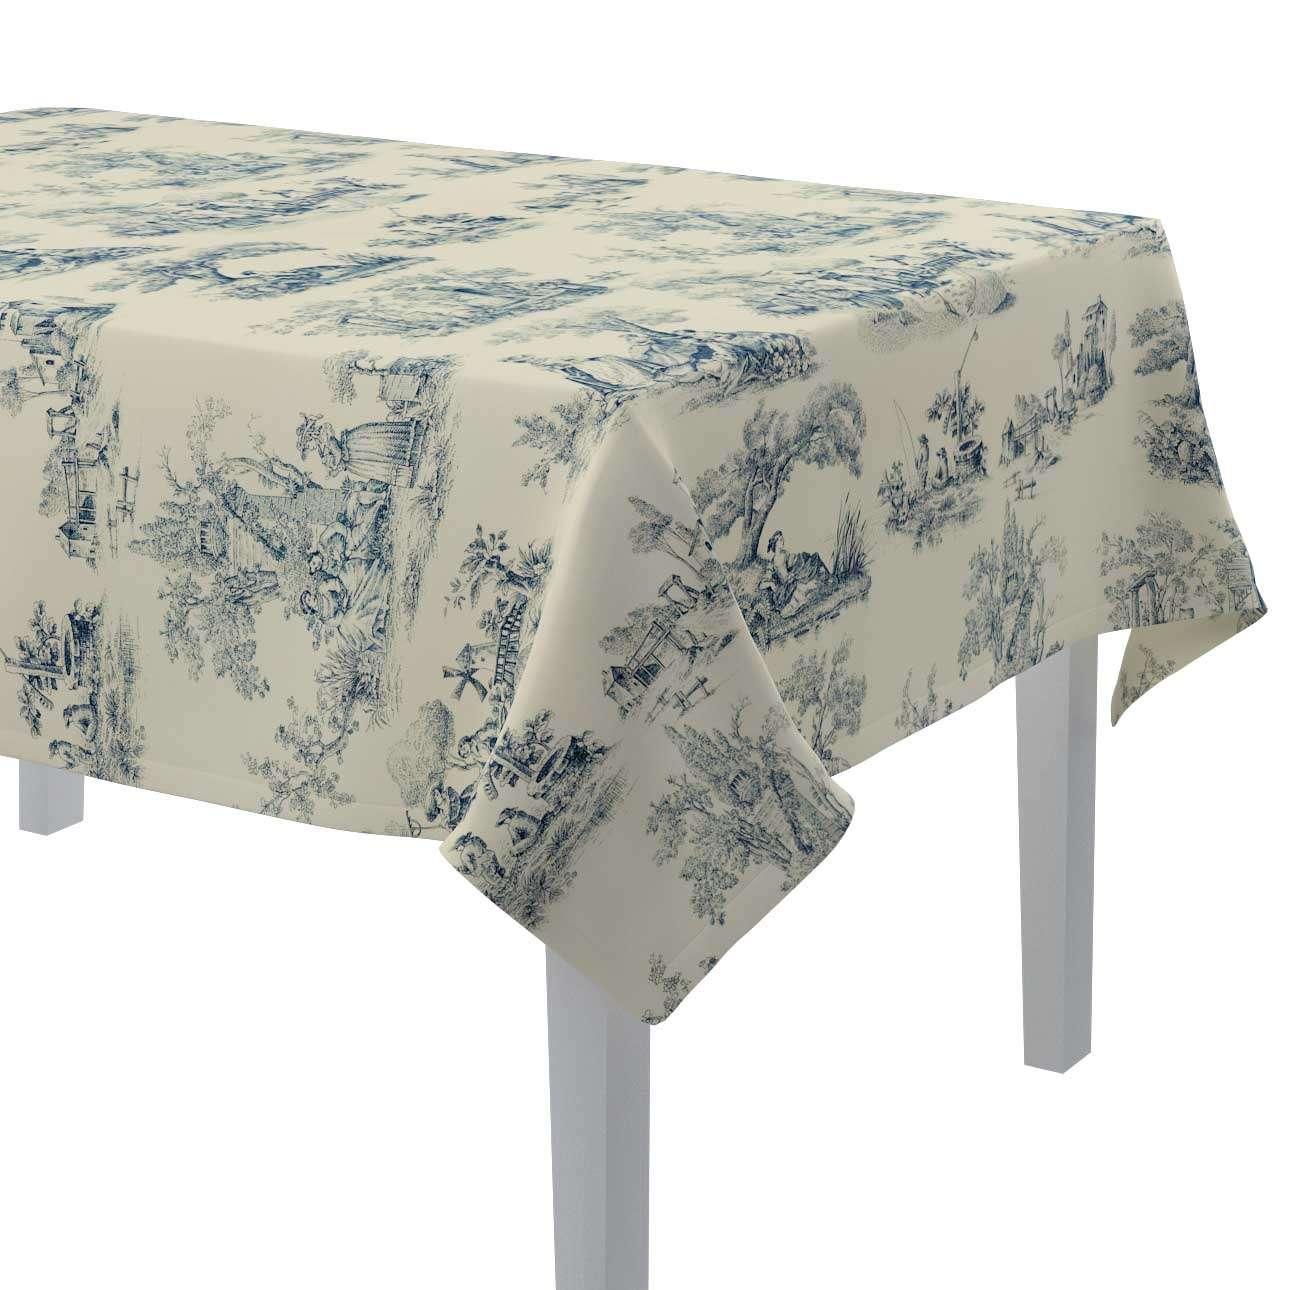 Staltiesės (stalui su kampais) 130 × 130 cm kolekcijoje Avinon, audinys: 132-66